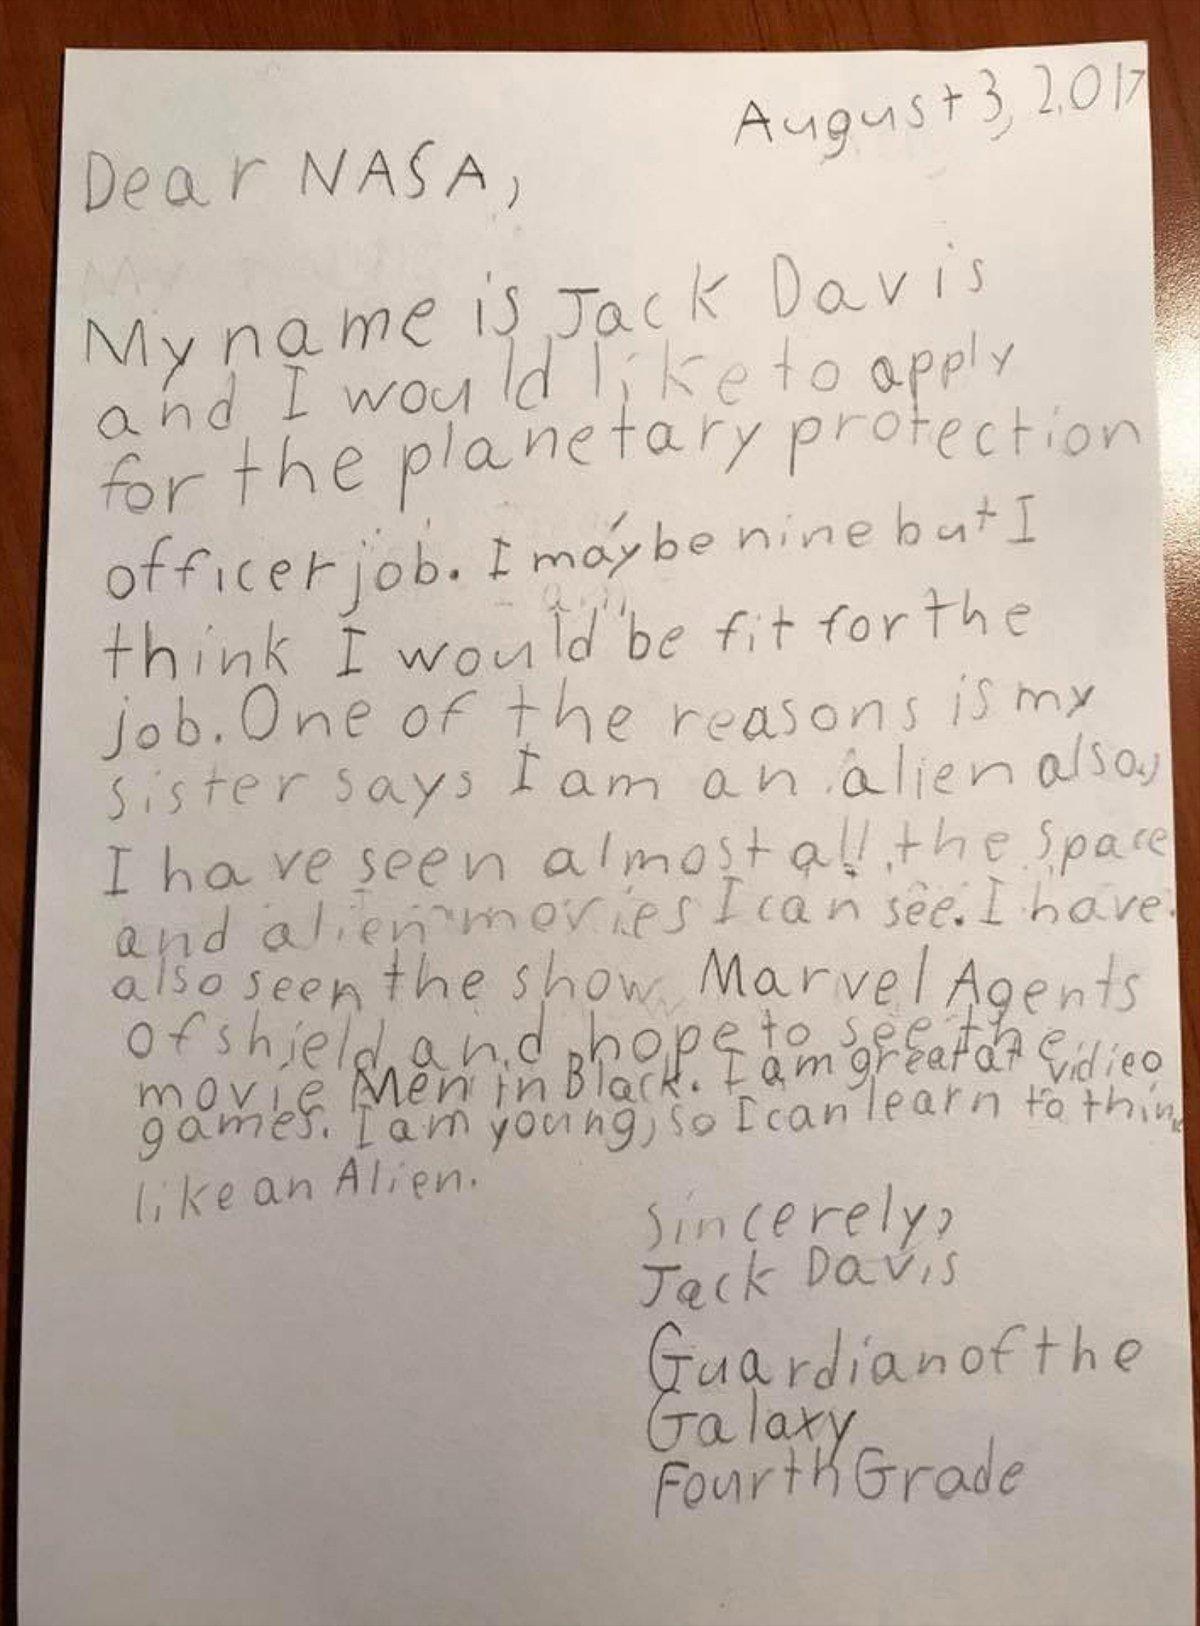 نامه دیویس 9 ساله به ناسا برای شغل افسر محافظت سیارهای